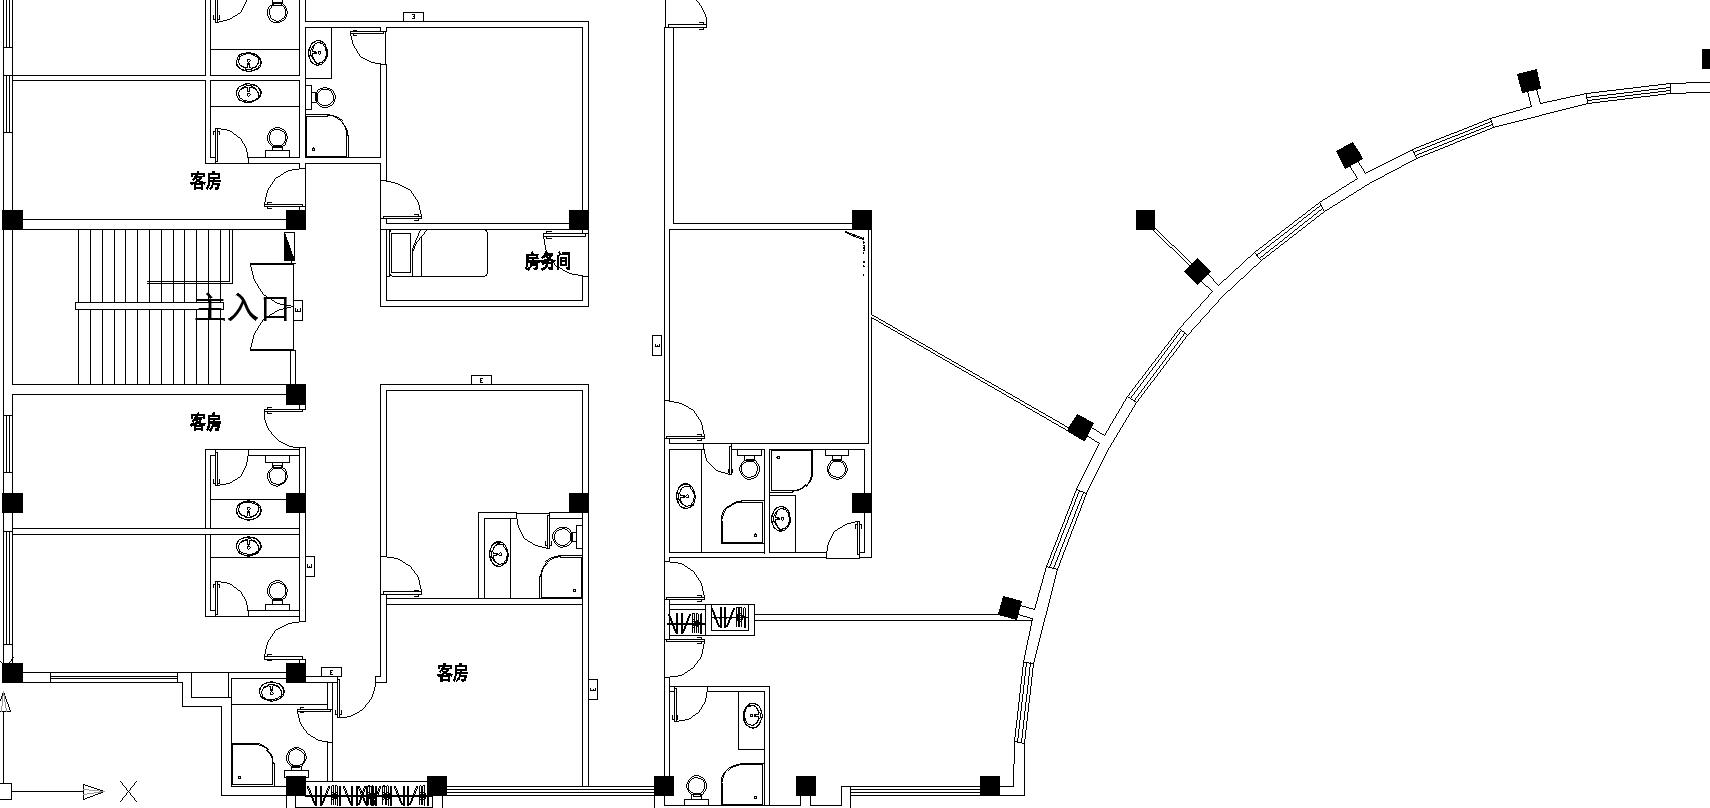 某宾馆电路消防布置图